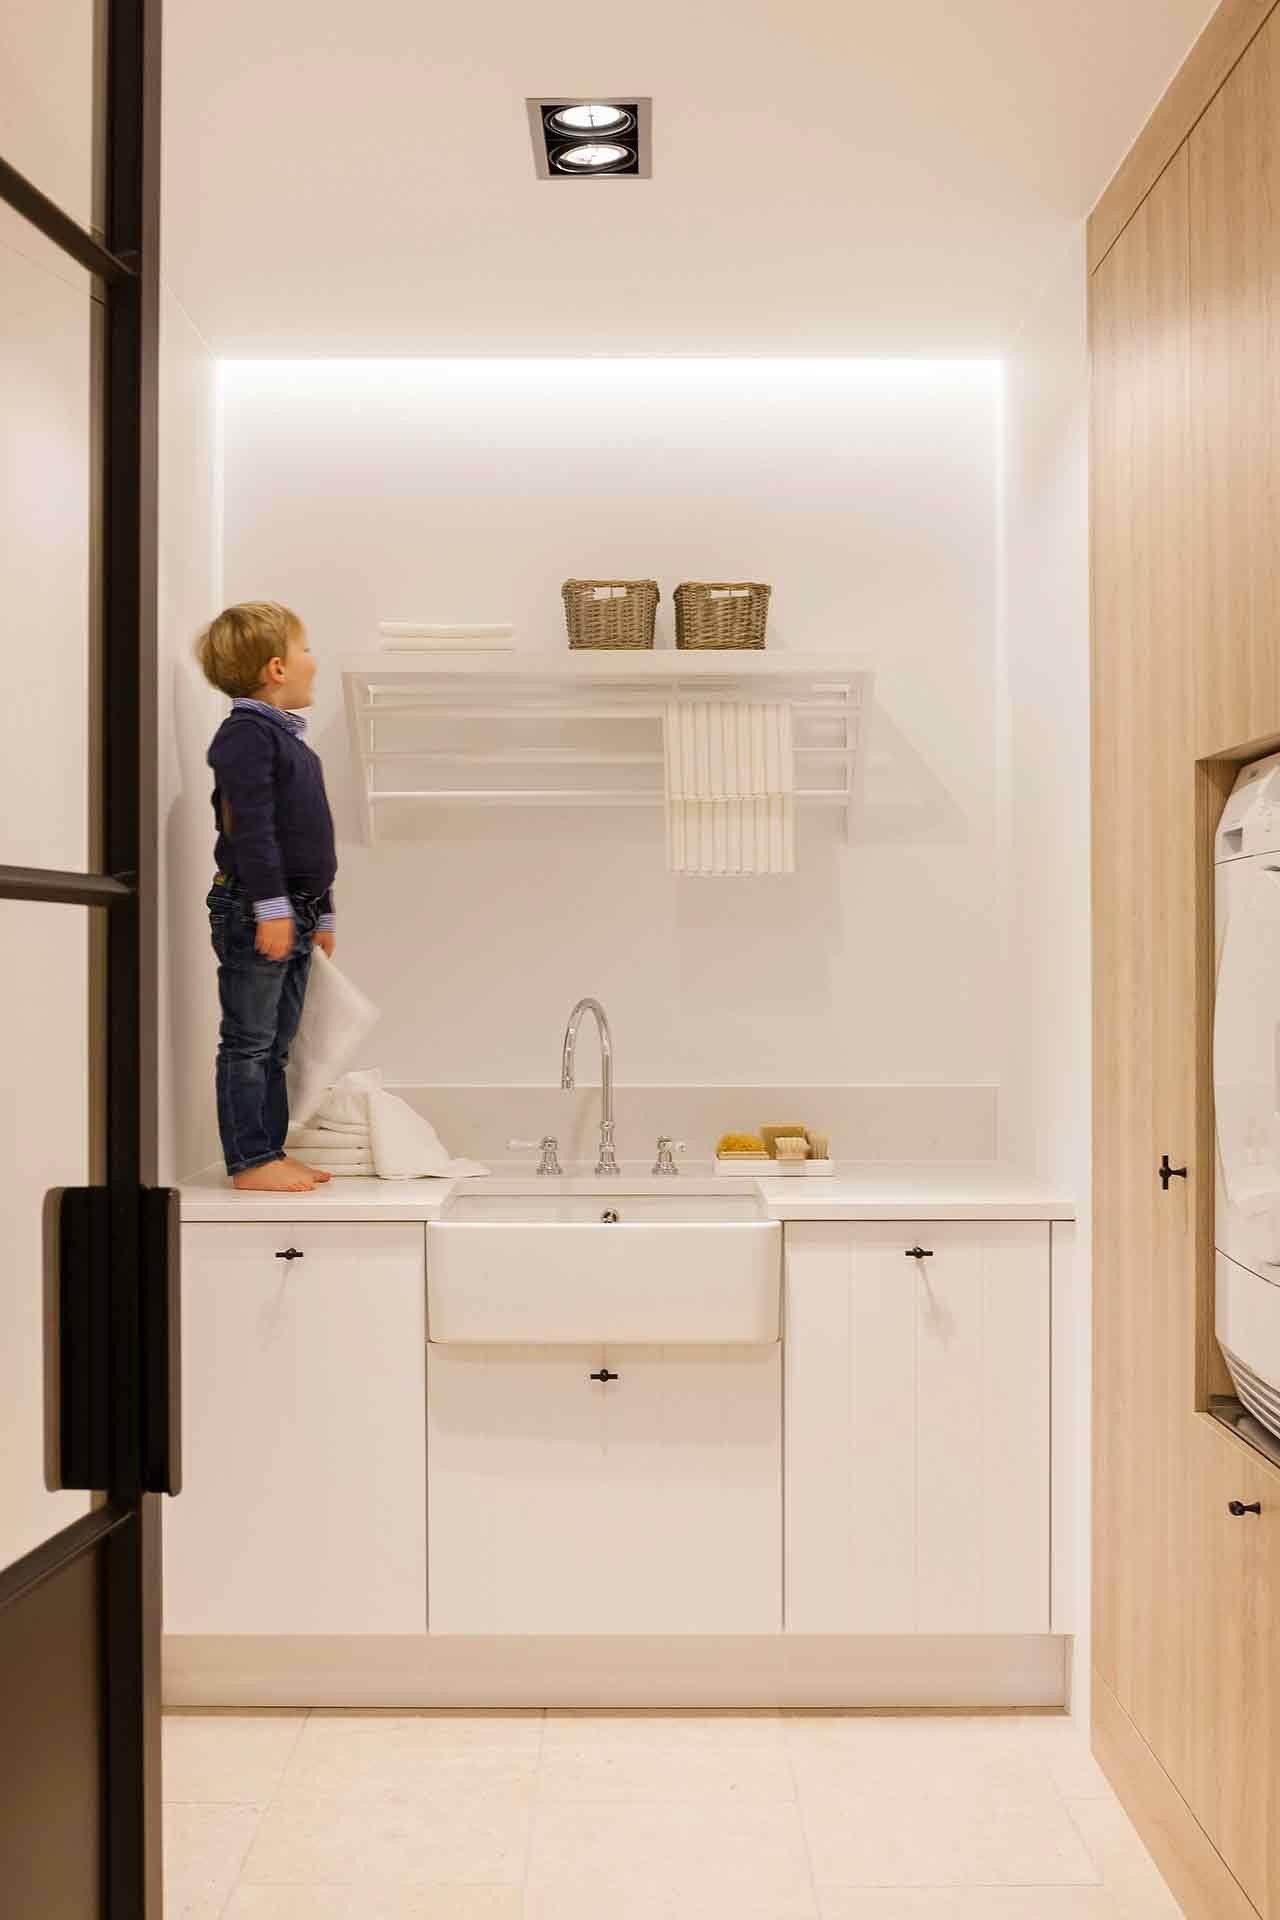 Totaalinrichting-wasplaats-landelijk-Sijsele-2.jpg